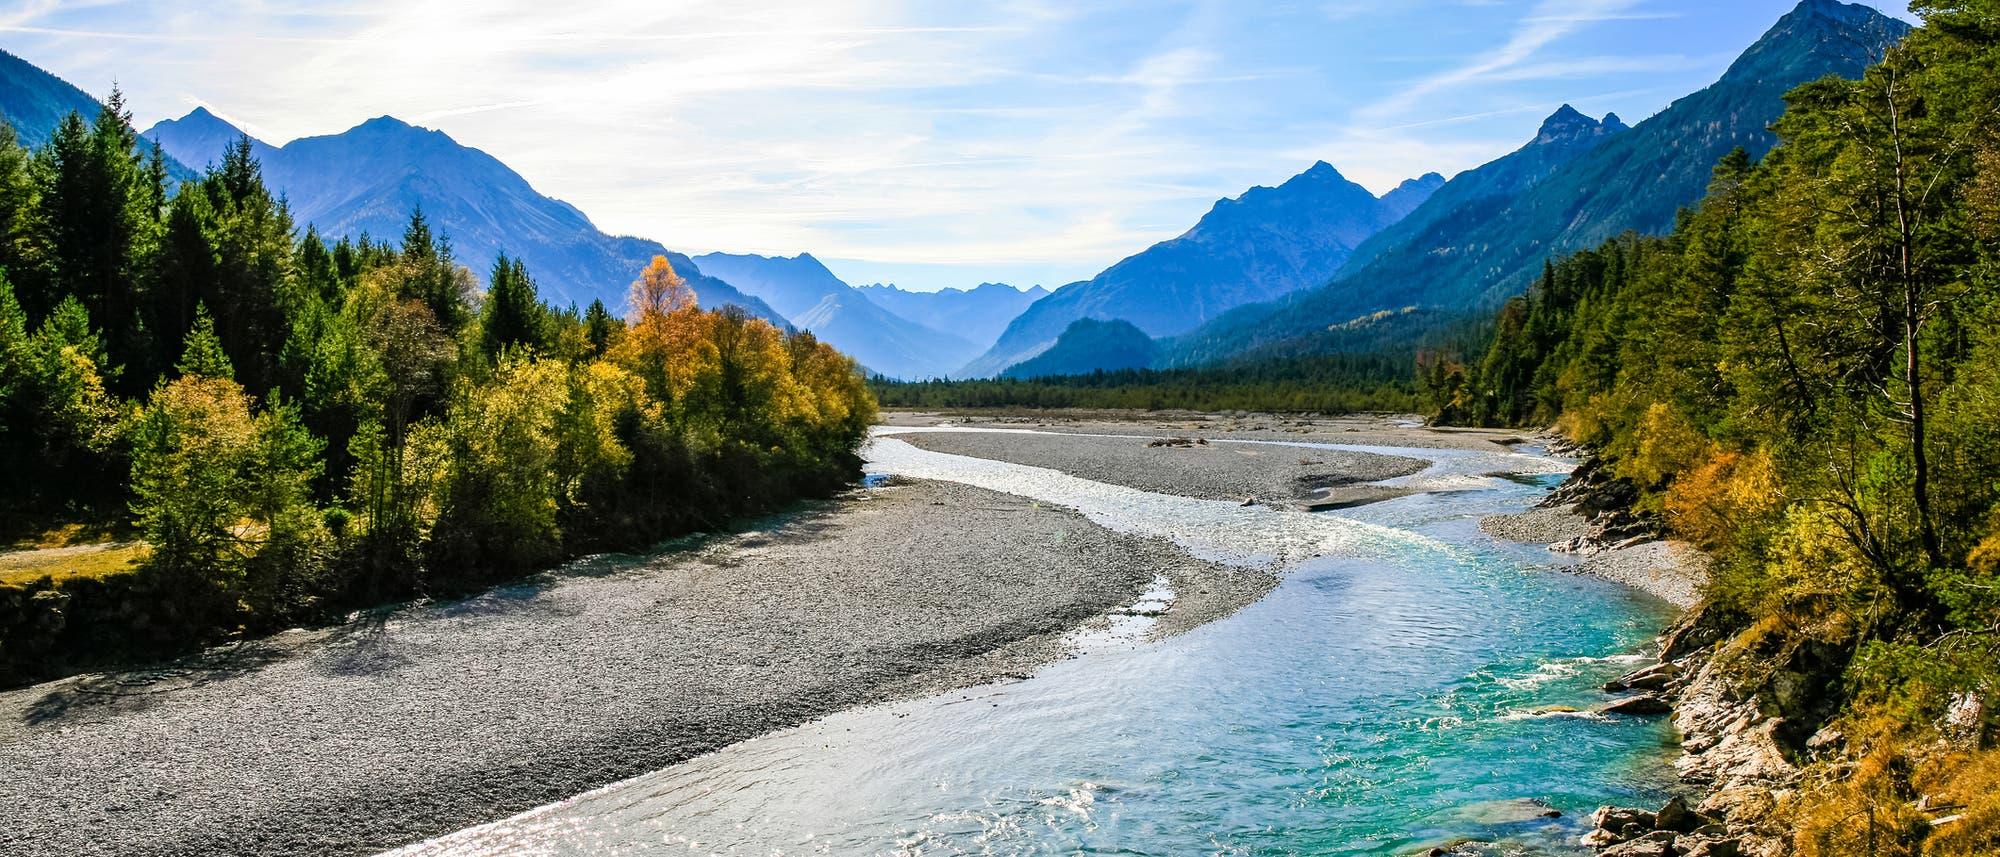 Blick auf den Lech in den Lechtaler Alpen